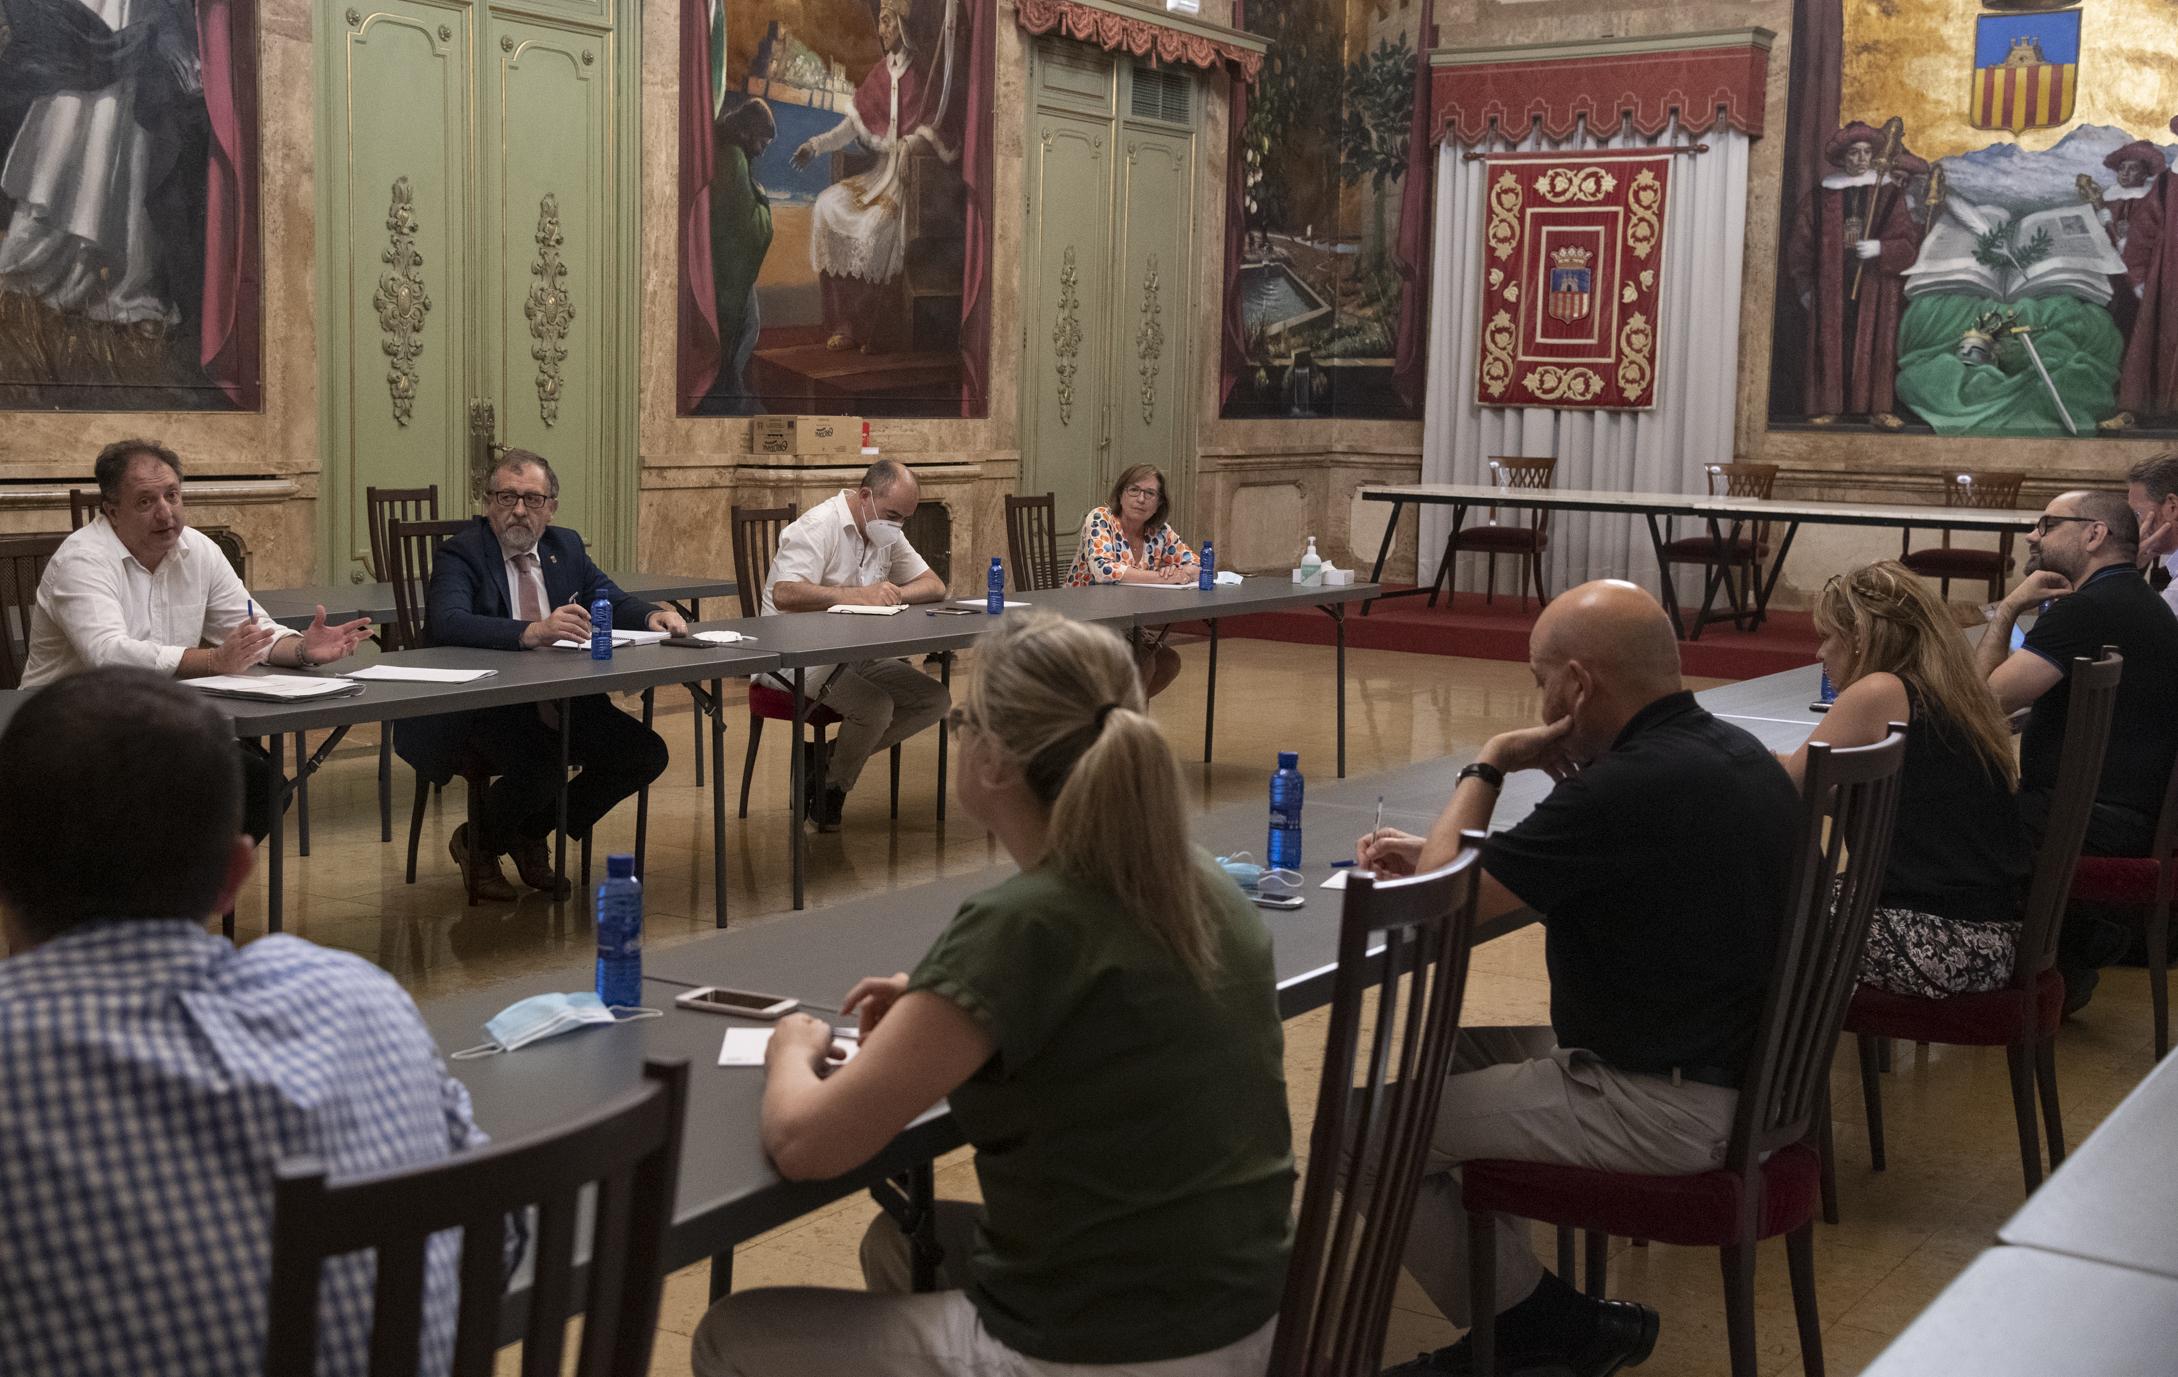 La Diputación de Castellón aprueba el plan de incorporación de los empleados públicos con cuatro días presenciales y uno de teletrabajo